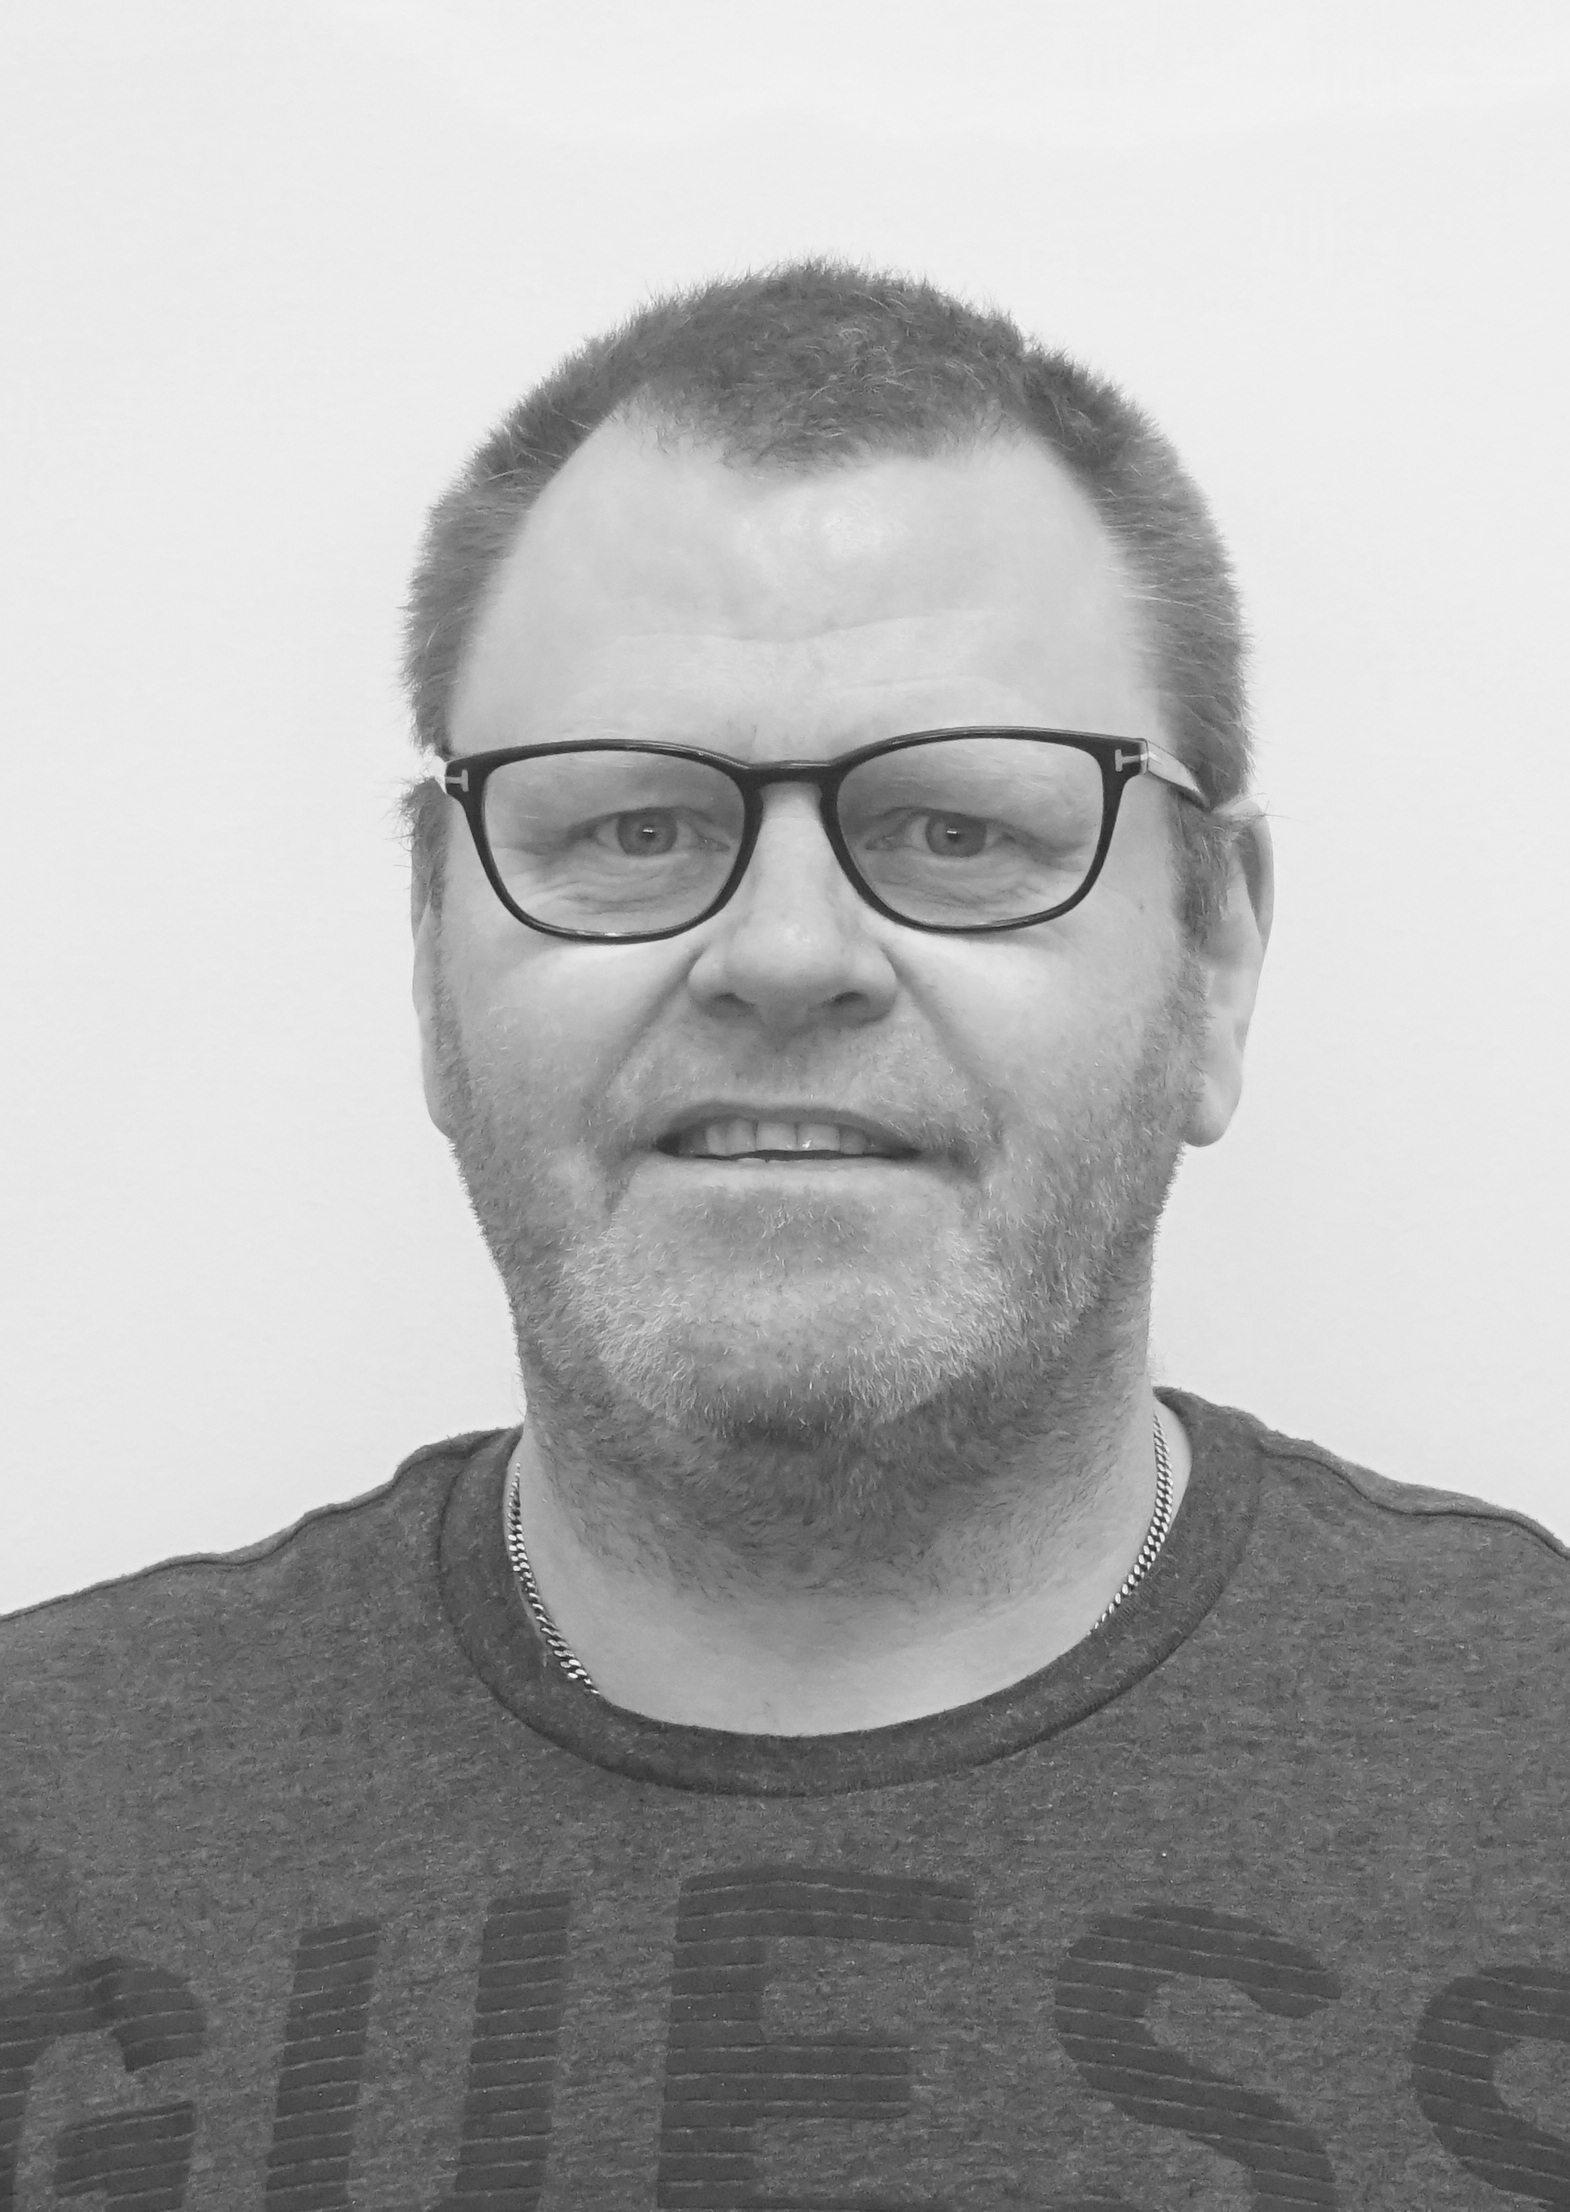 Óskar Steinar Jónsson